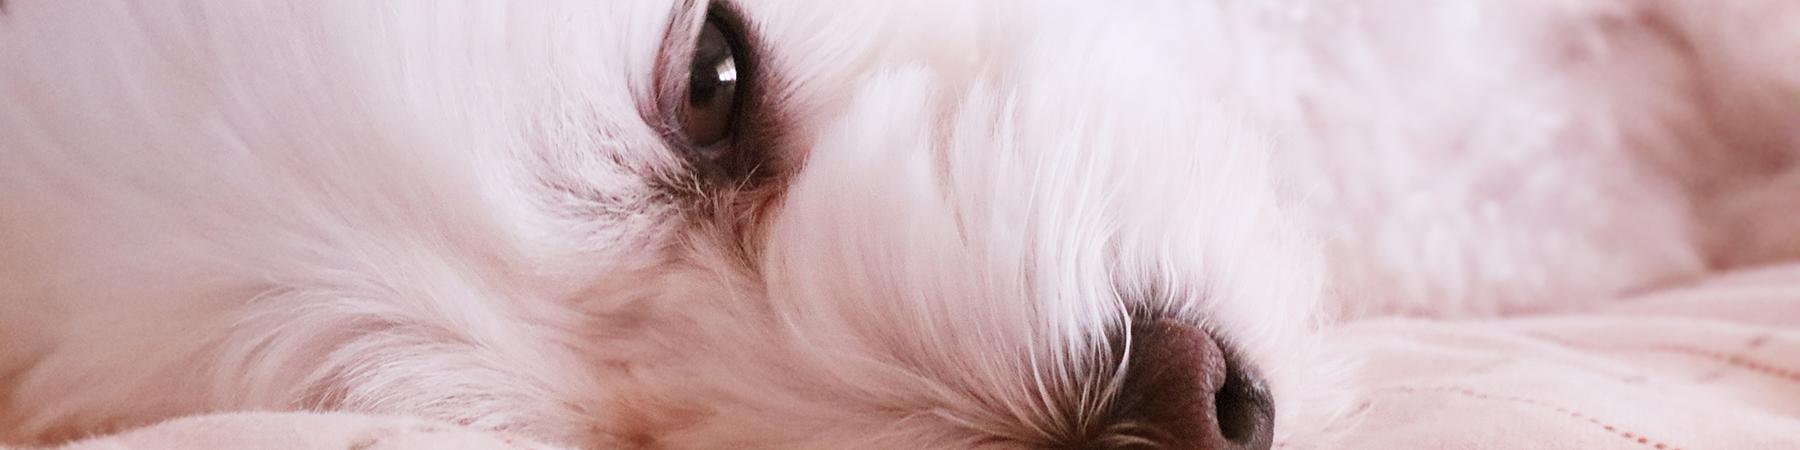 日本生活環境支援協会 | 犬猫ストレスケアアドバイザー認定試験